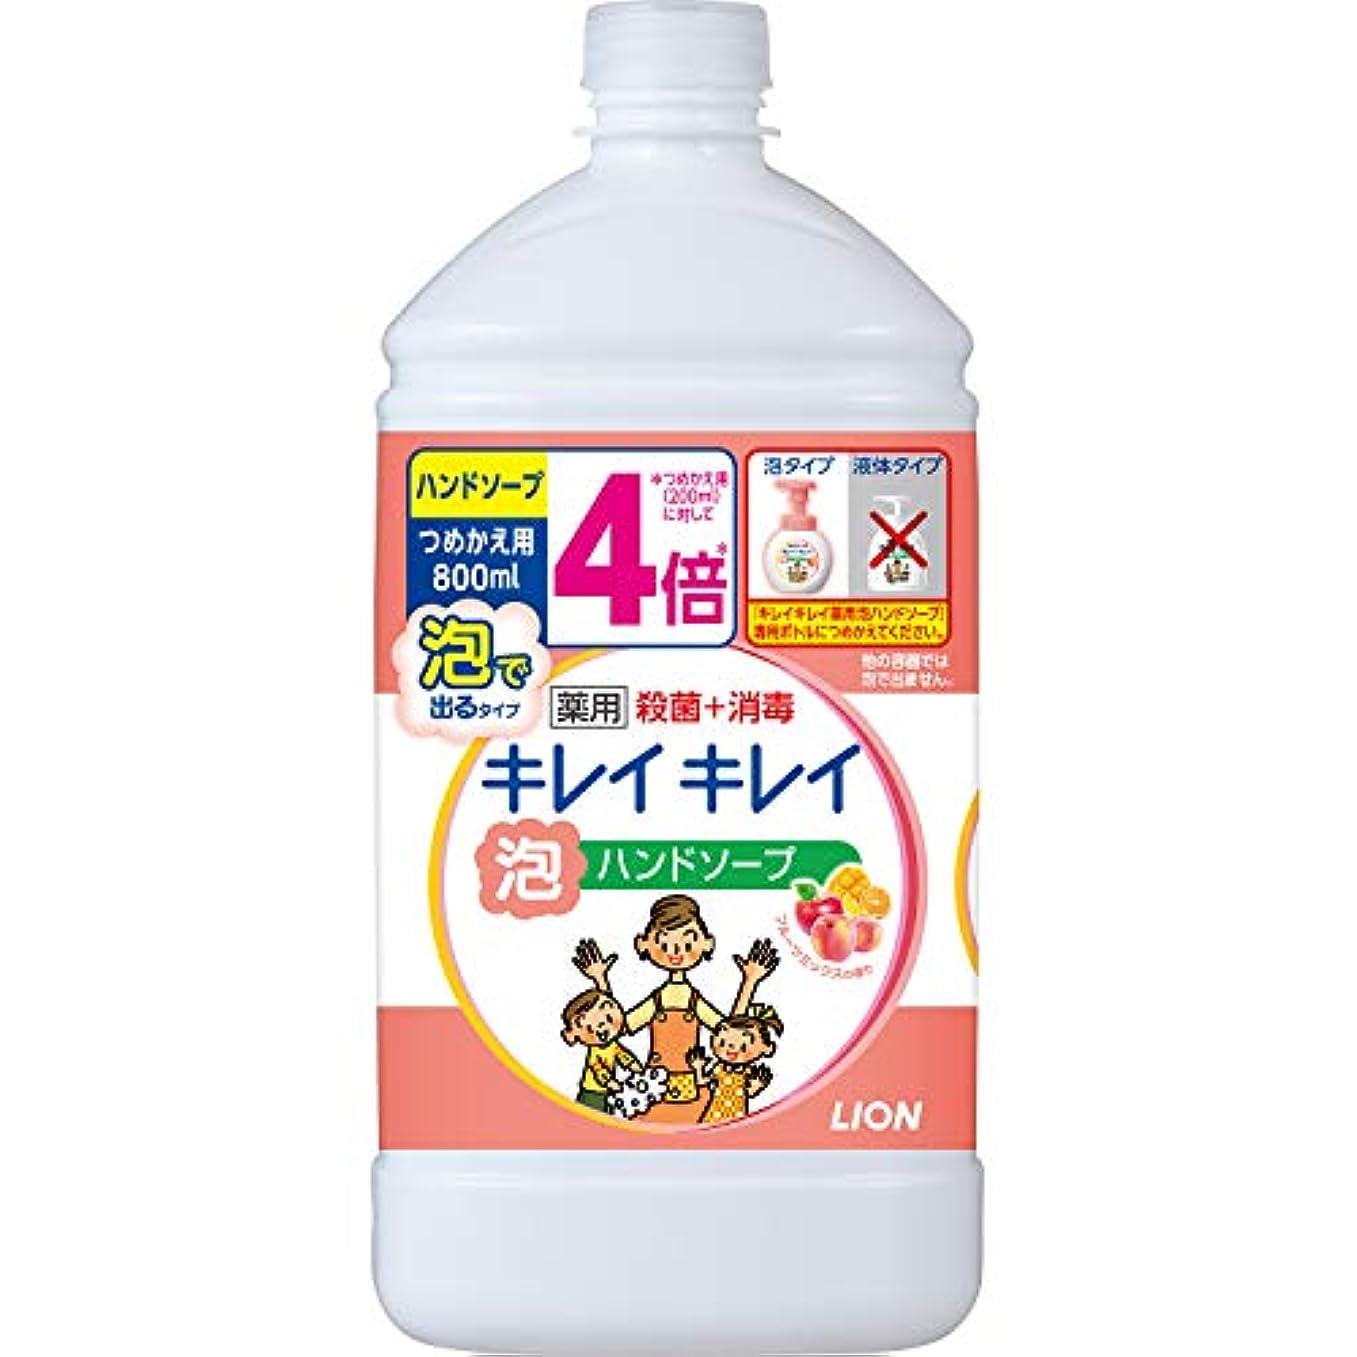 誰かスリッパ信じる(医薬部外品)【大容量】キレイキレイ 薬用 泡ハンドソープ フルーツミックスの香り 詰替特大 800ml